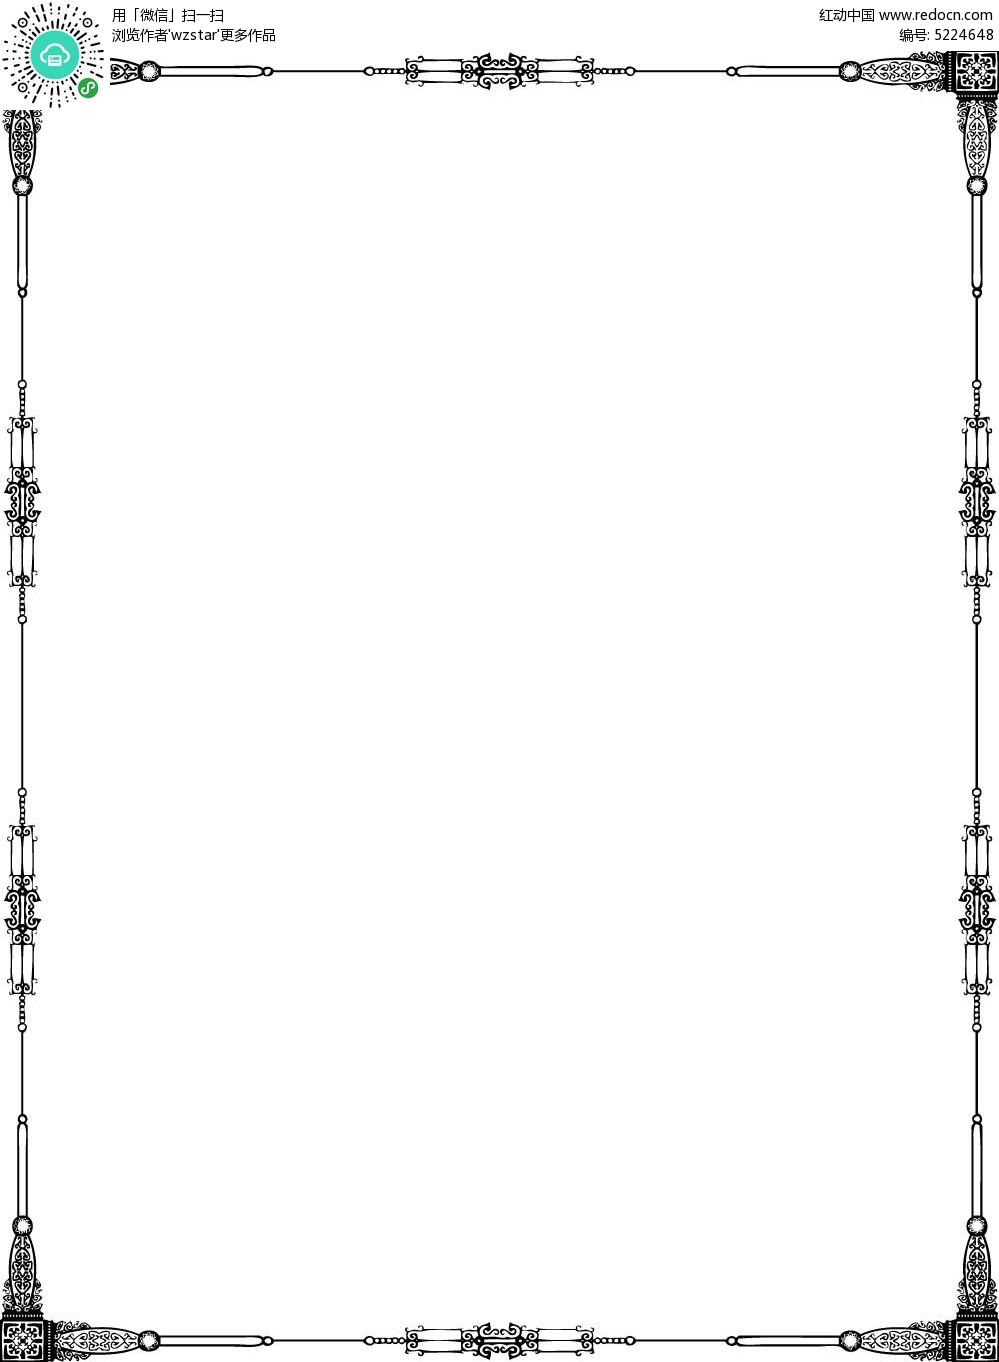 花边边框画画简单漂亮图片-卡通海星圆形边框,花边边框图片